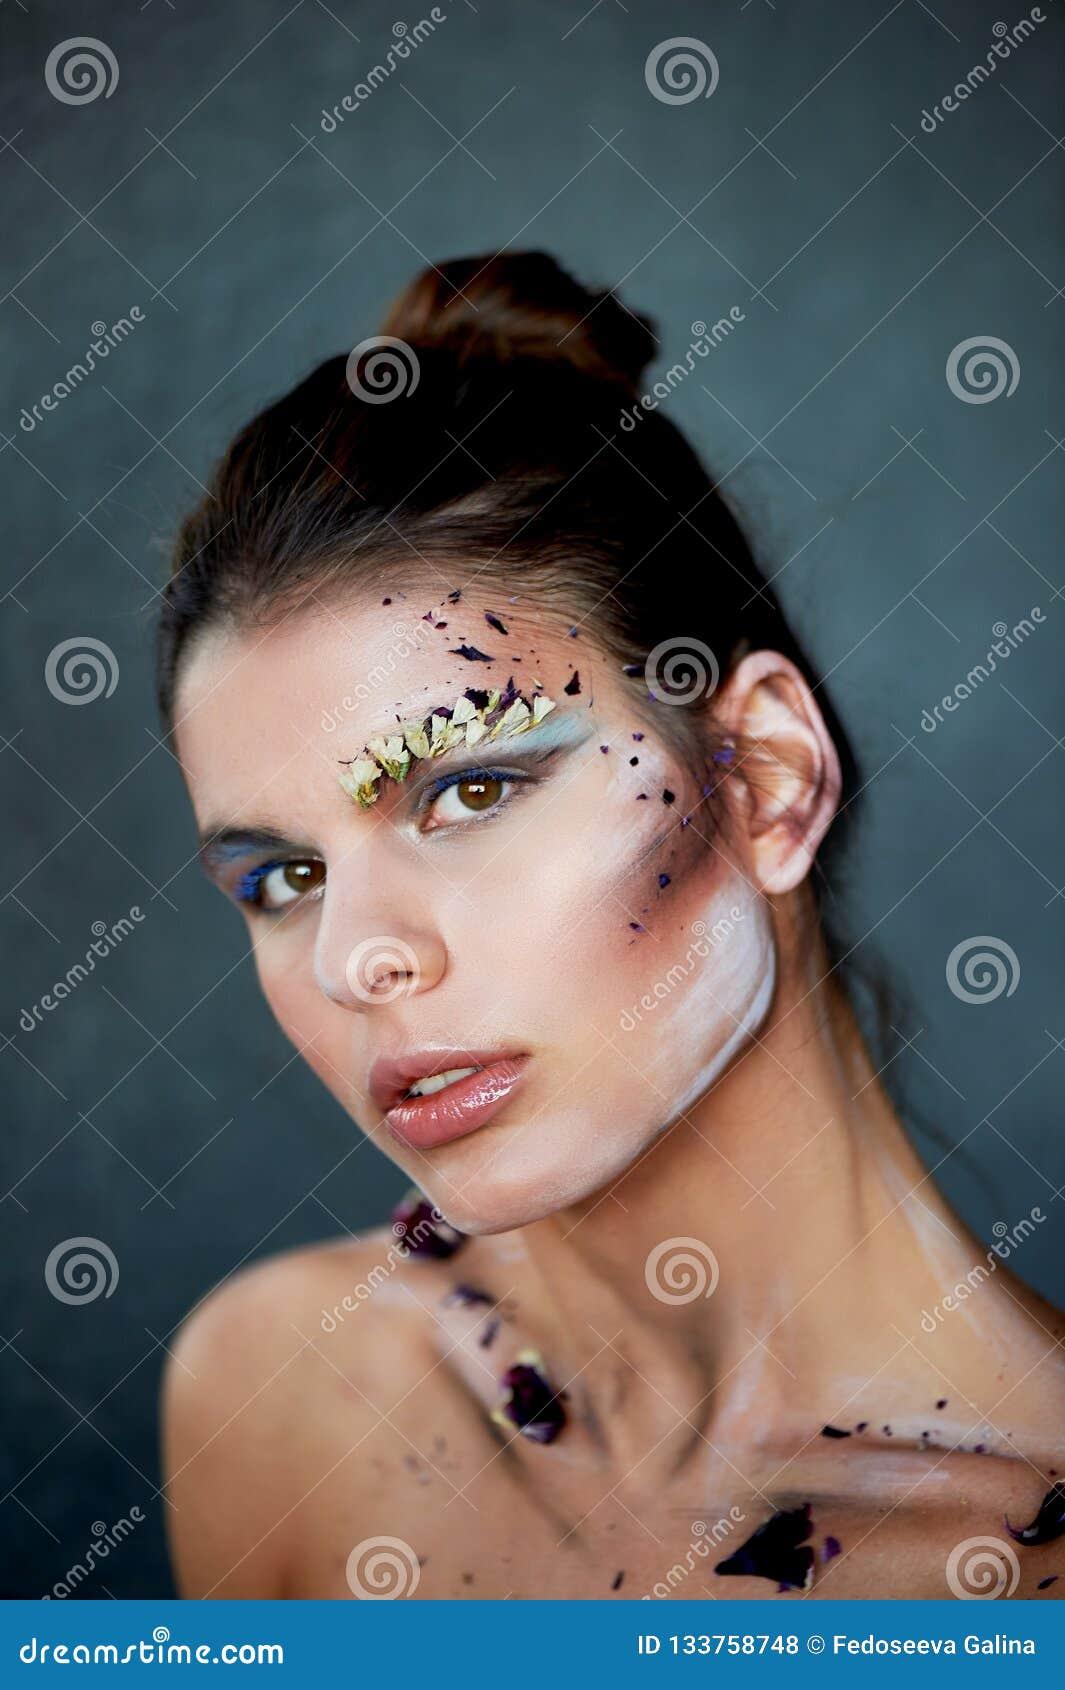 Groß-Gesichtsporträt Abstriche auf ihrem Gesicht Das Make-up unter Verwendung der trockenen Farben Kreative Persönlichkeit, Model